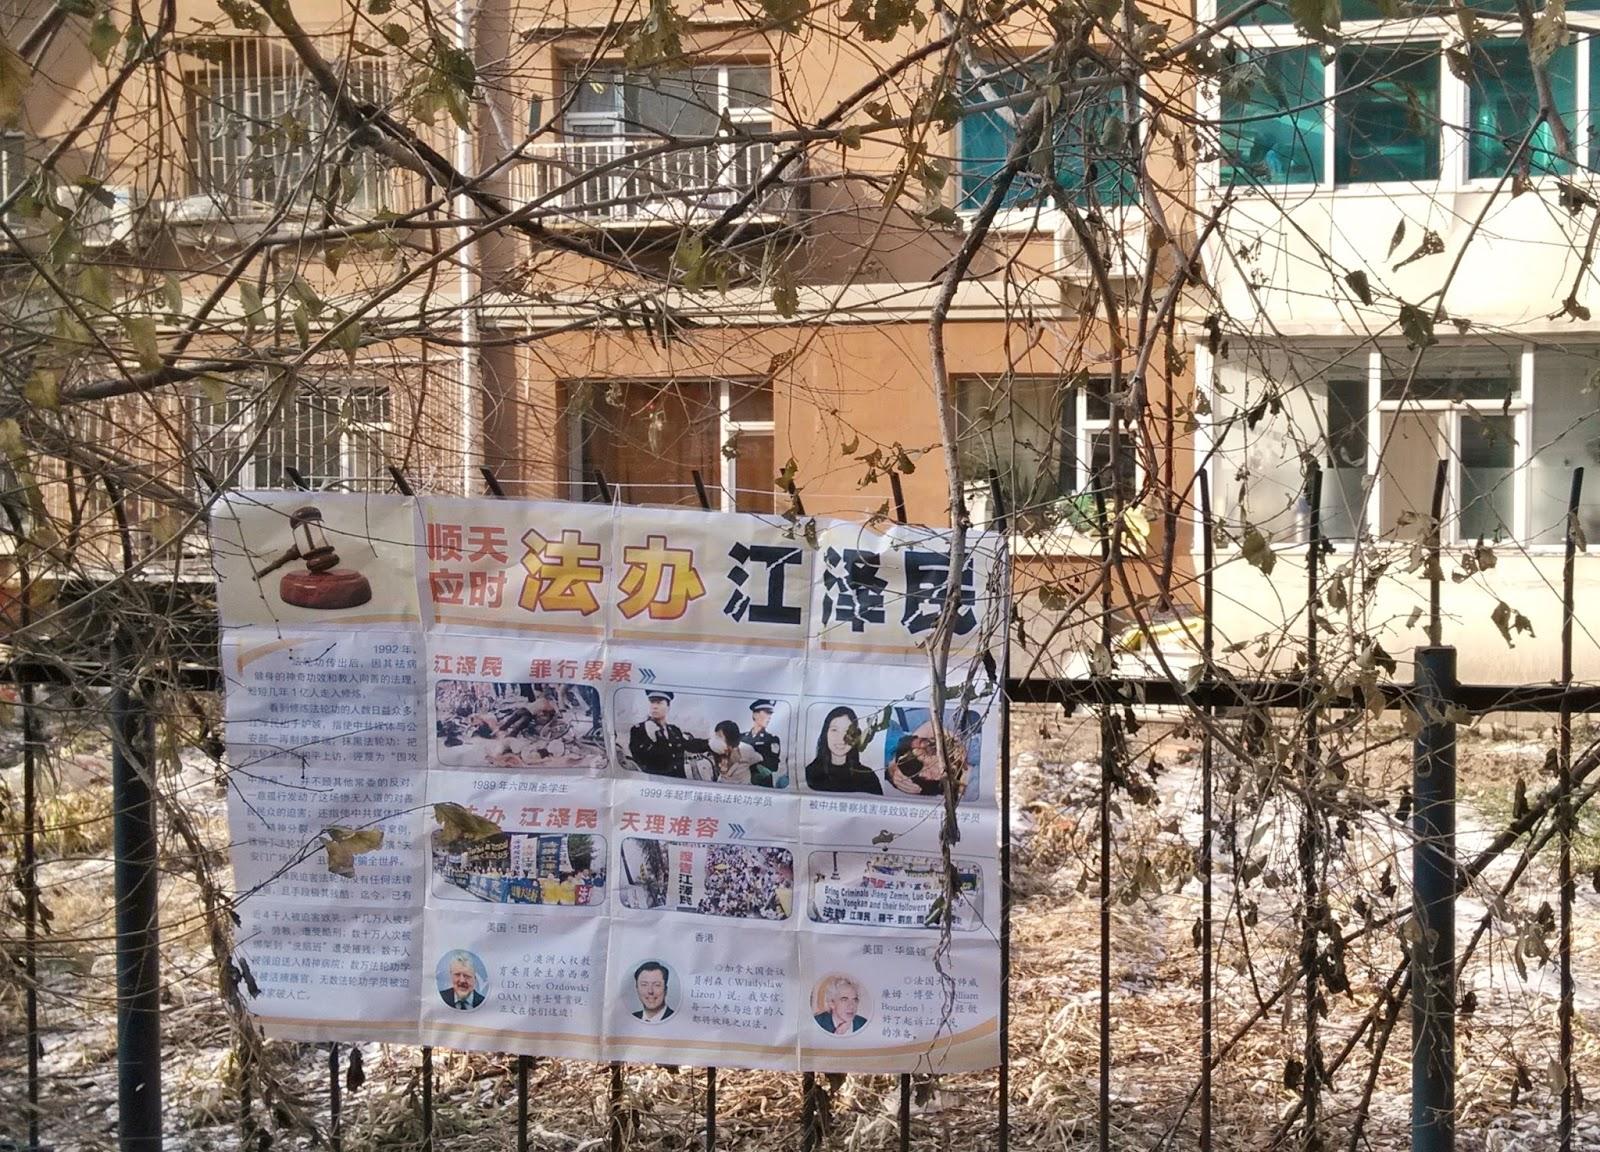 2015-11-28-minghui-changchun-sujiang-posters-26.jpg